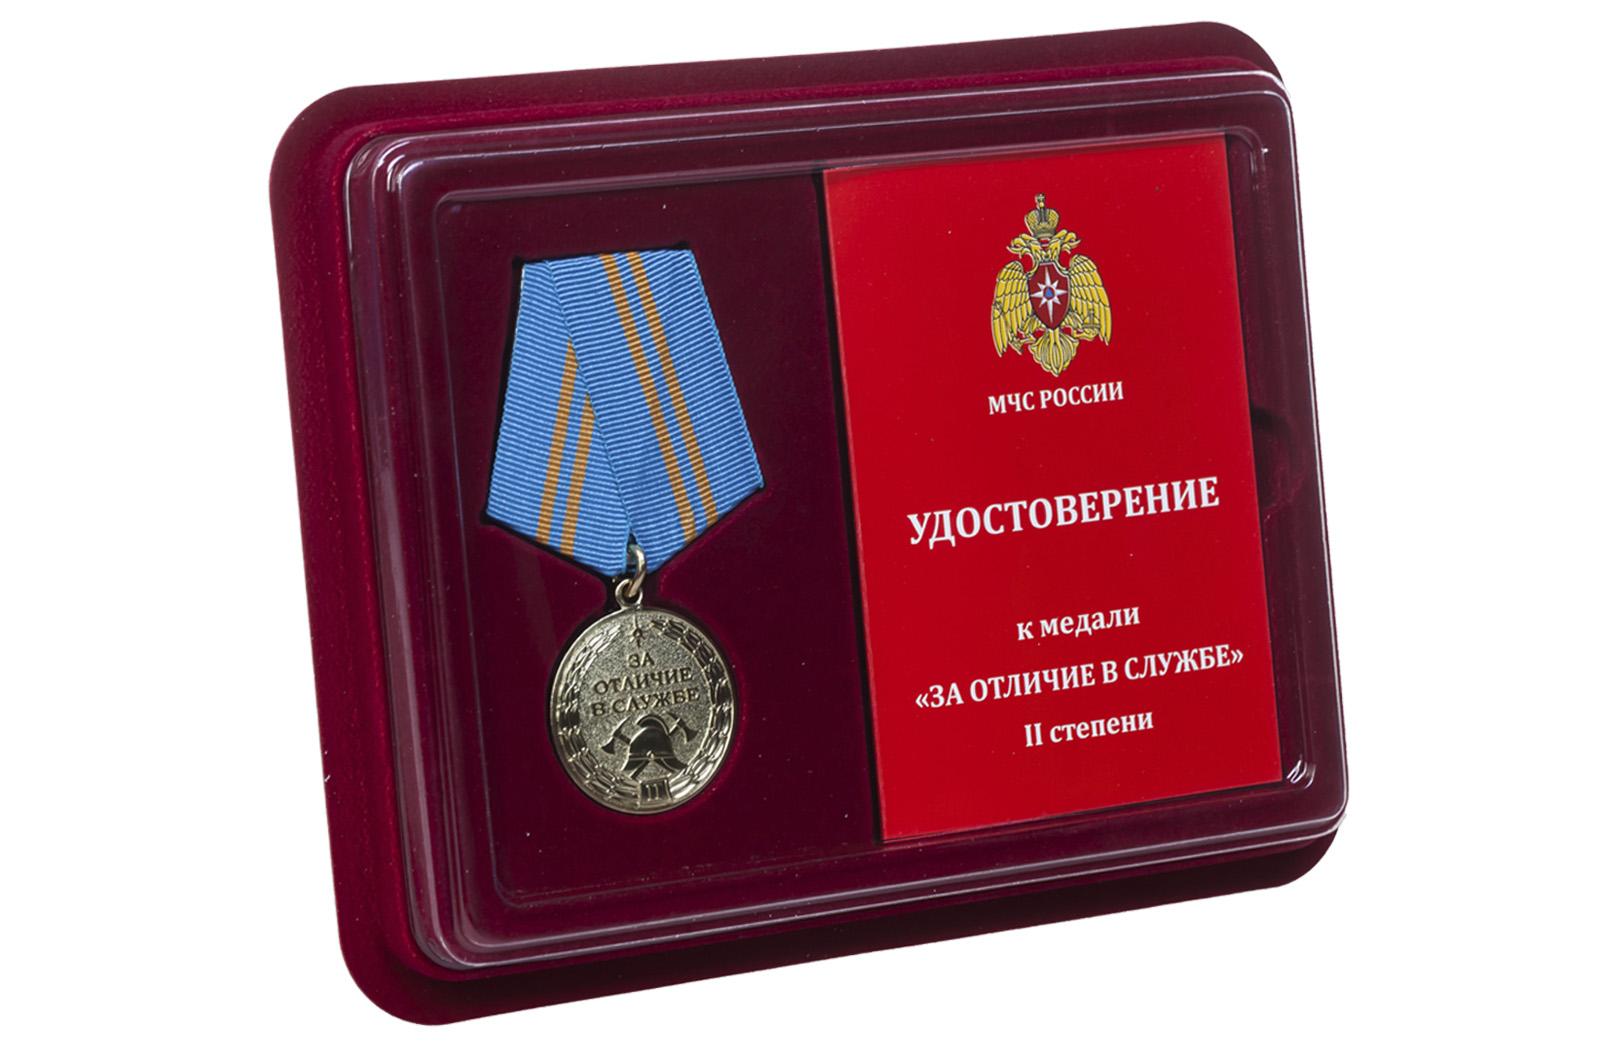 Купить медаль МЧС За отличие в службе 2 степени оптом или в розницу